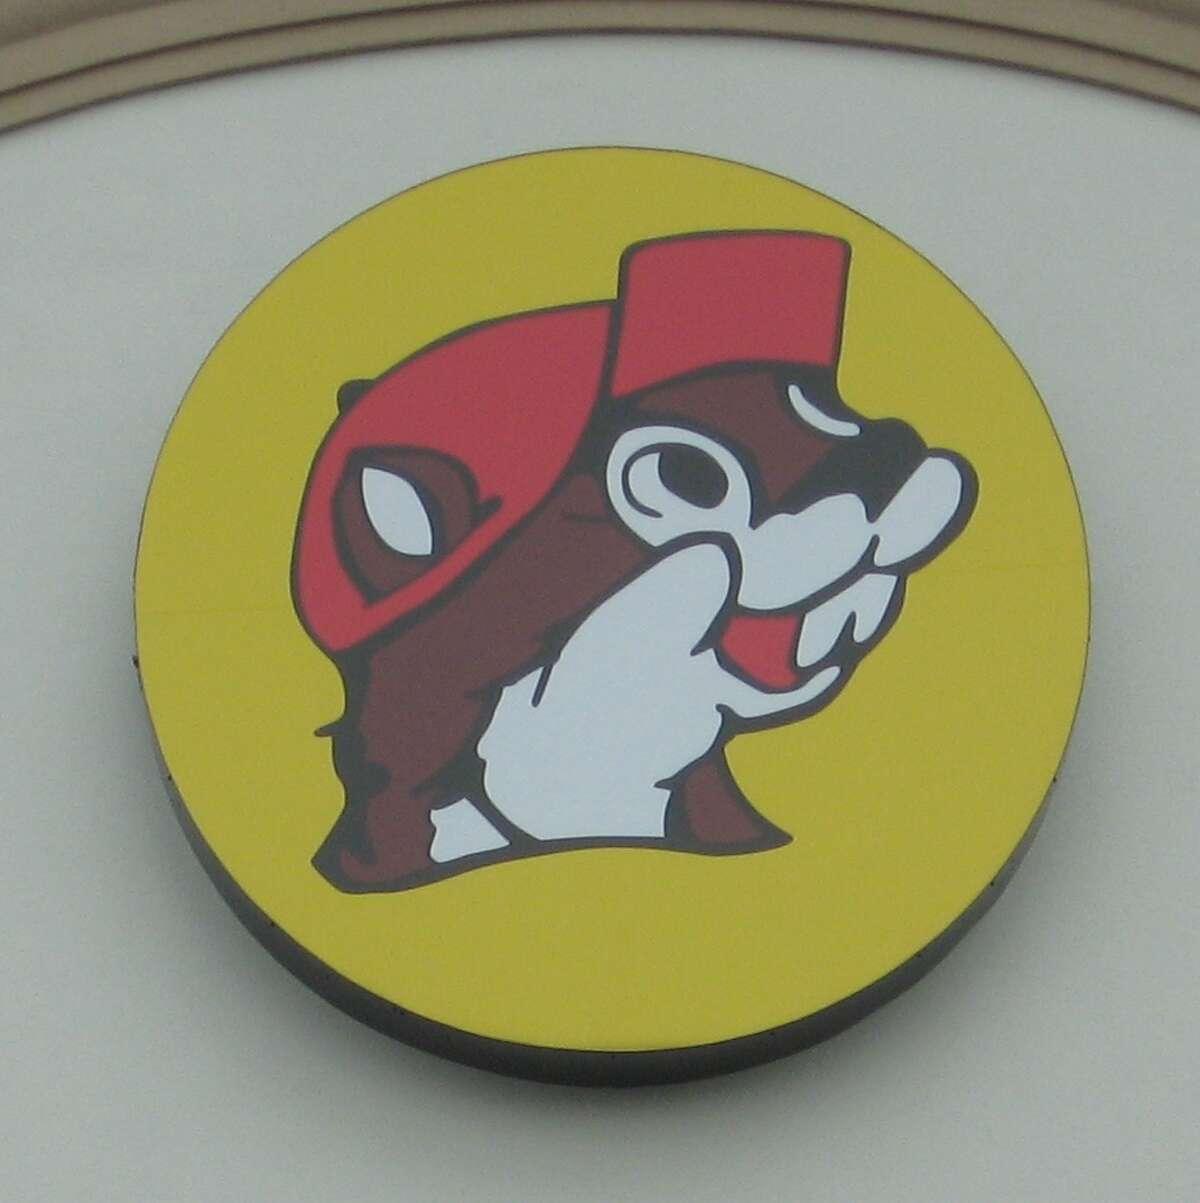 buc-ees logo